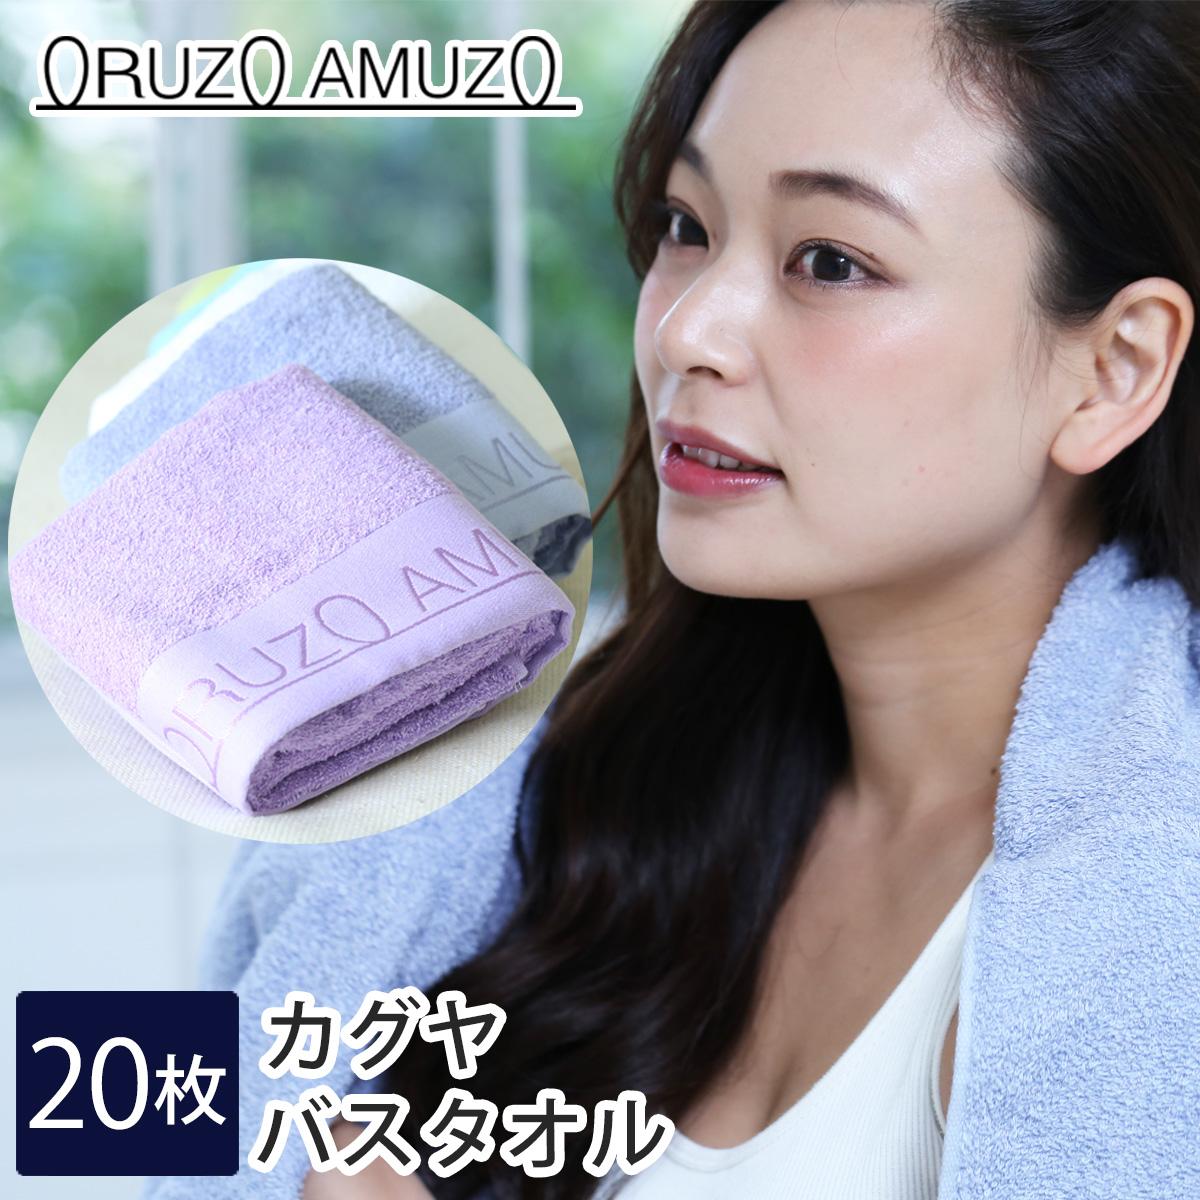 (送料無料)オルゾアムゾ(ORUZOAMUZO)カグヤ バスタオル20枚セット スポーツタオル 選べる5色(雪 雲 藤 竹 空)